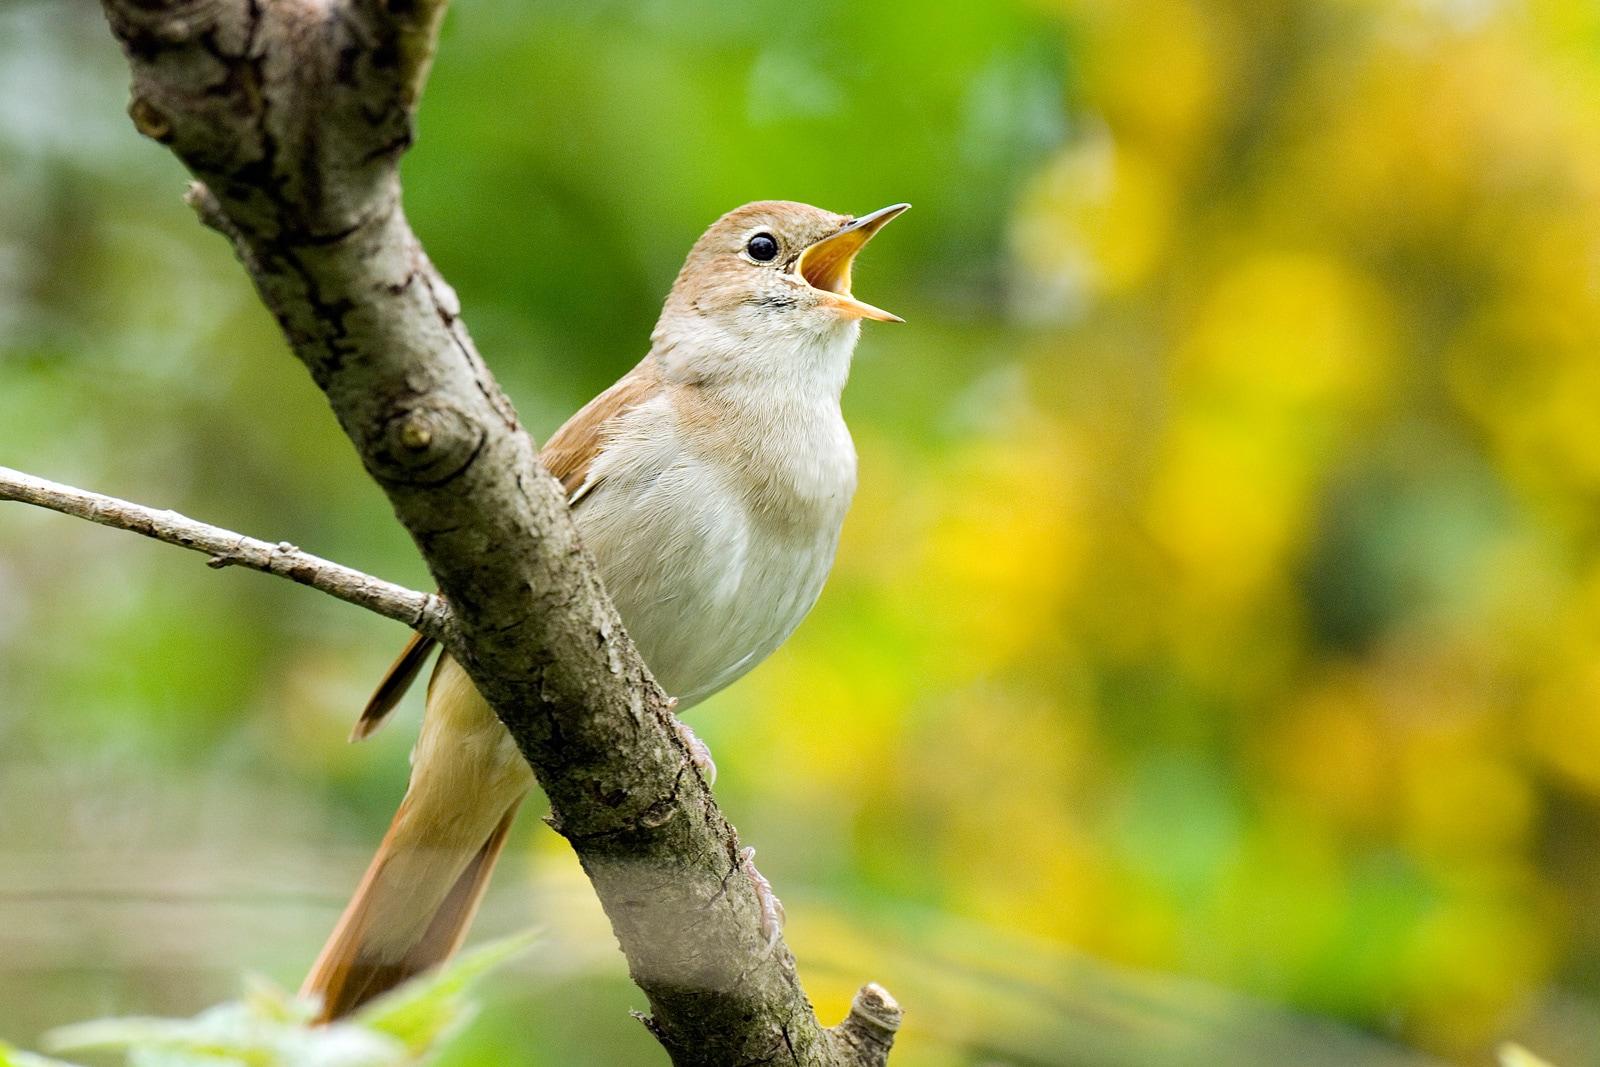 Il canto degli uccelli simile al linguaggio dell 39 uomo - Primavera uccelli primavera colorazione pagine ...